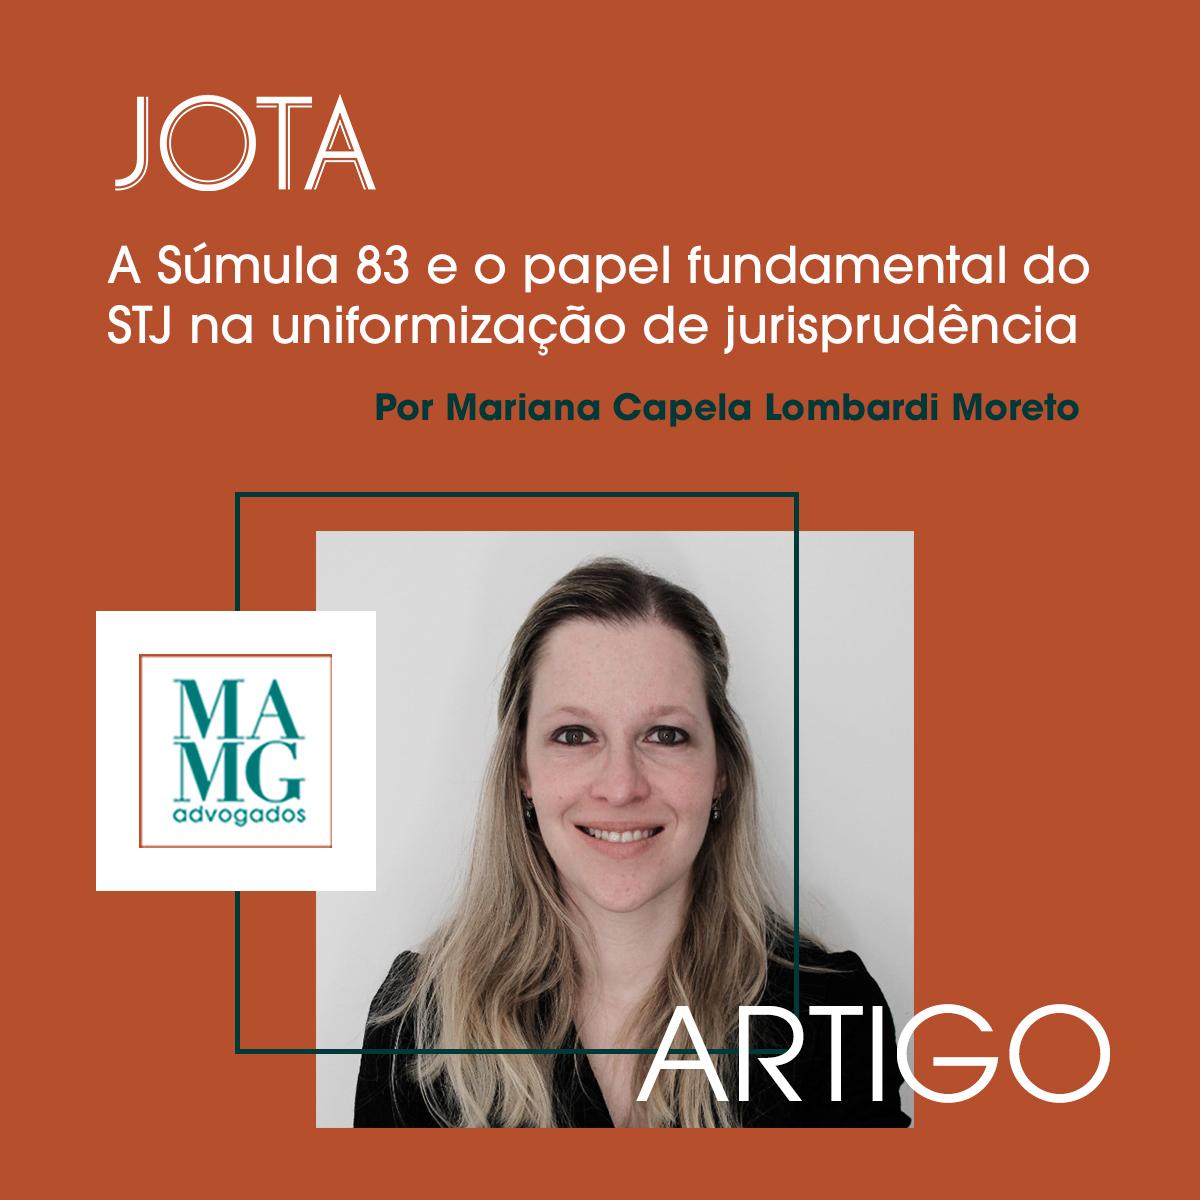 MAMG_ArtigoJotaMariana_quadrado